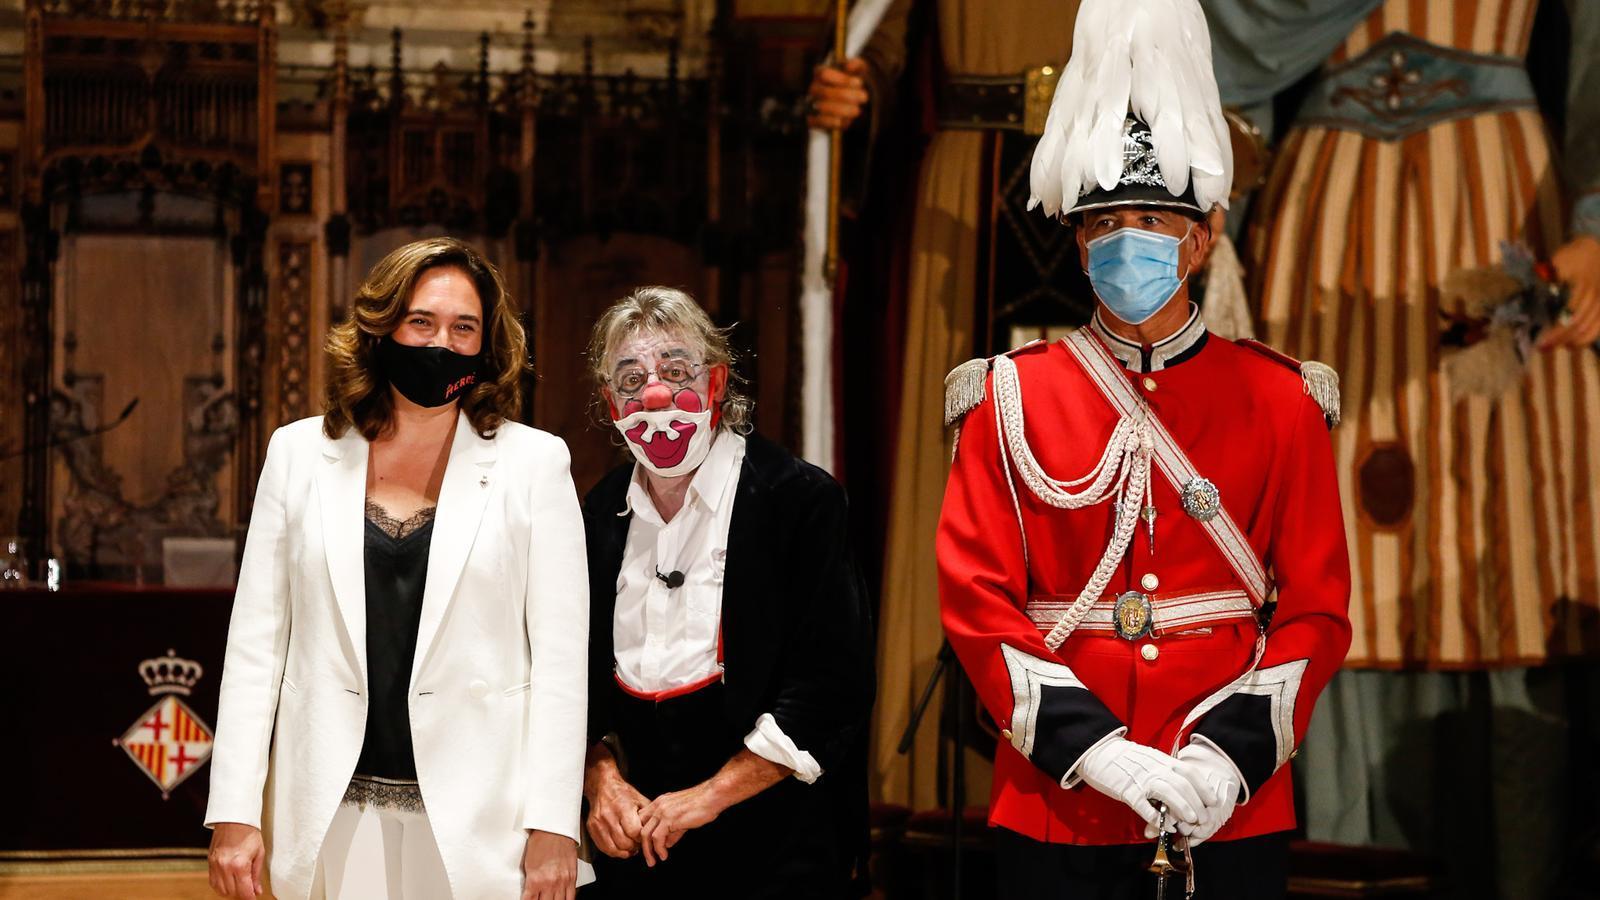 L'alcaldessa Colau i el pallasso Tortell Poltrona, pregoner d'aquest any, a l'entrada de l'acte al Saló de Cent.